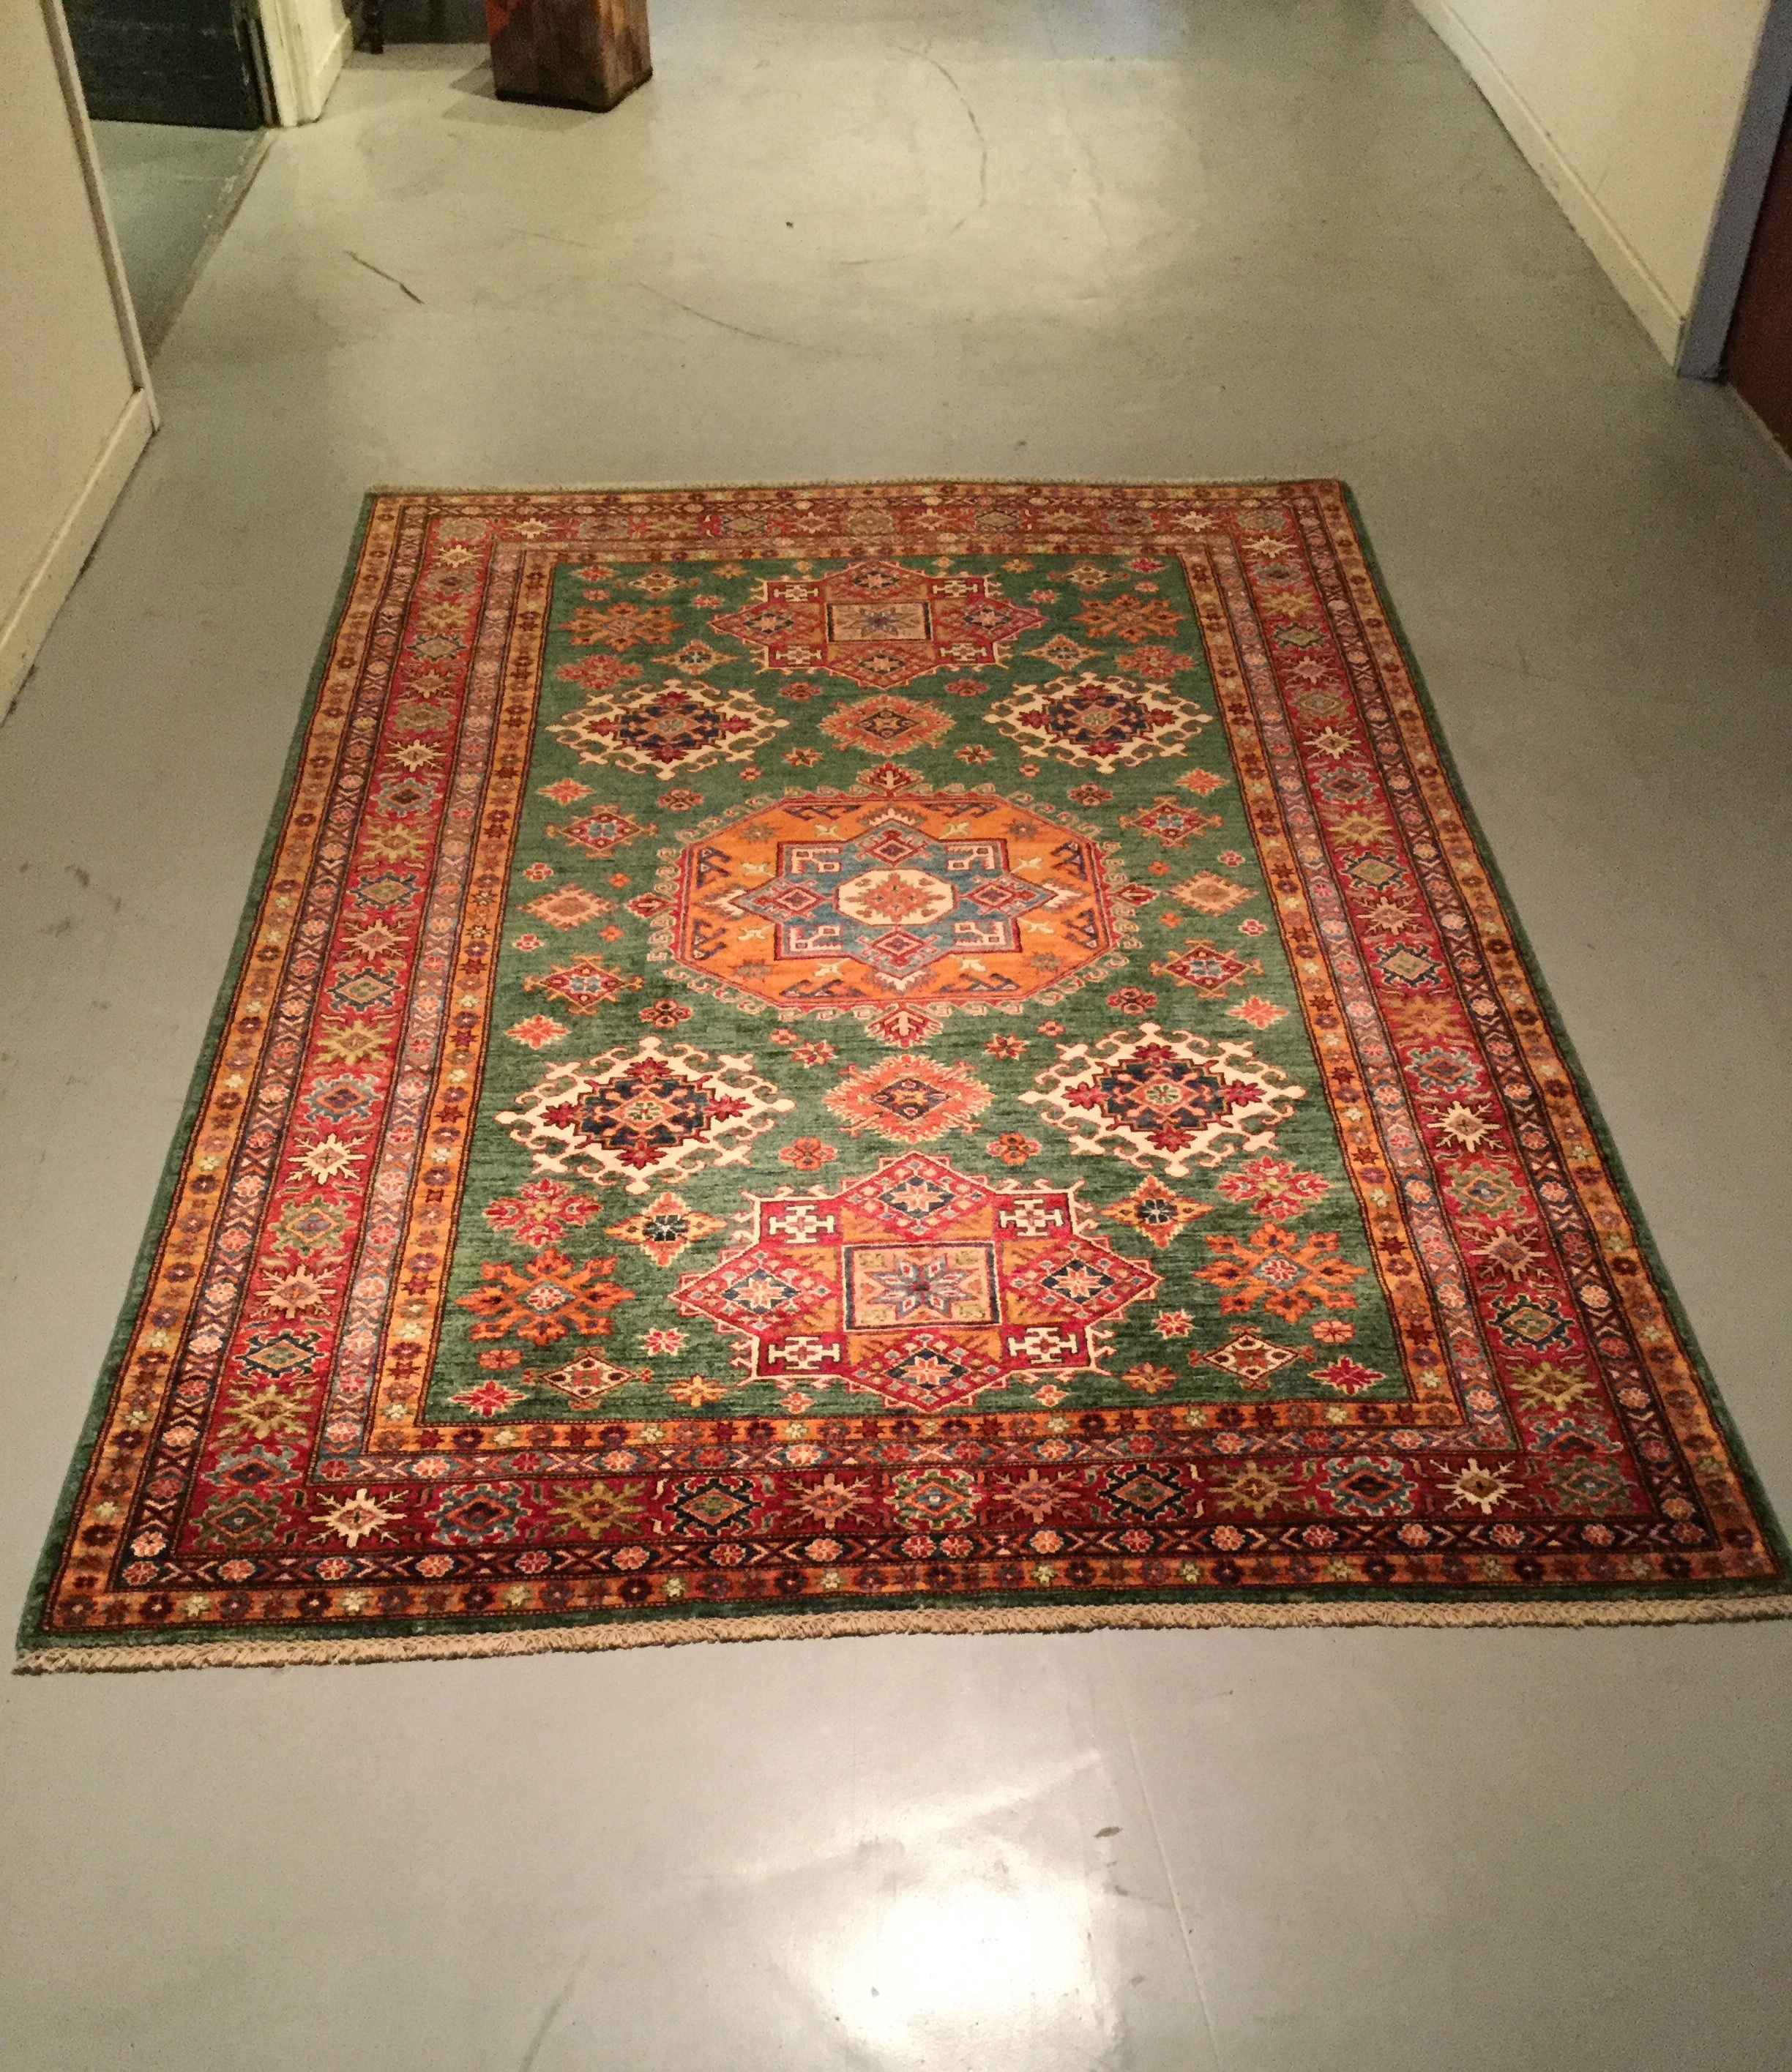 Afghan Kazak - Circa 2000's    Size Measurements: 244cm x 172cm